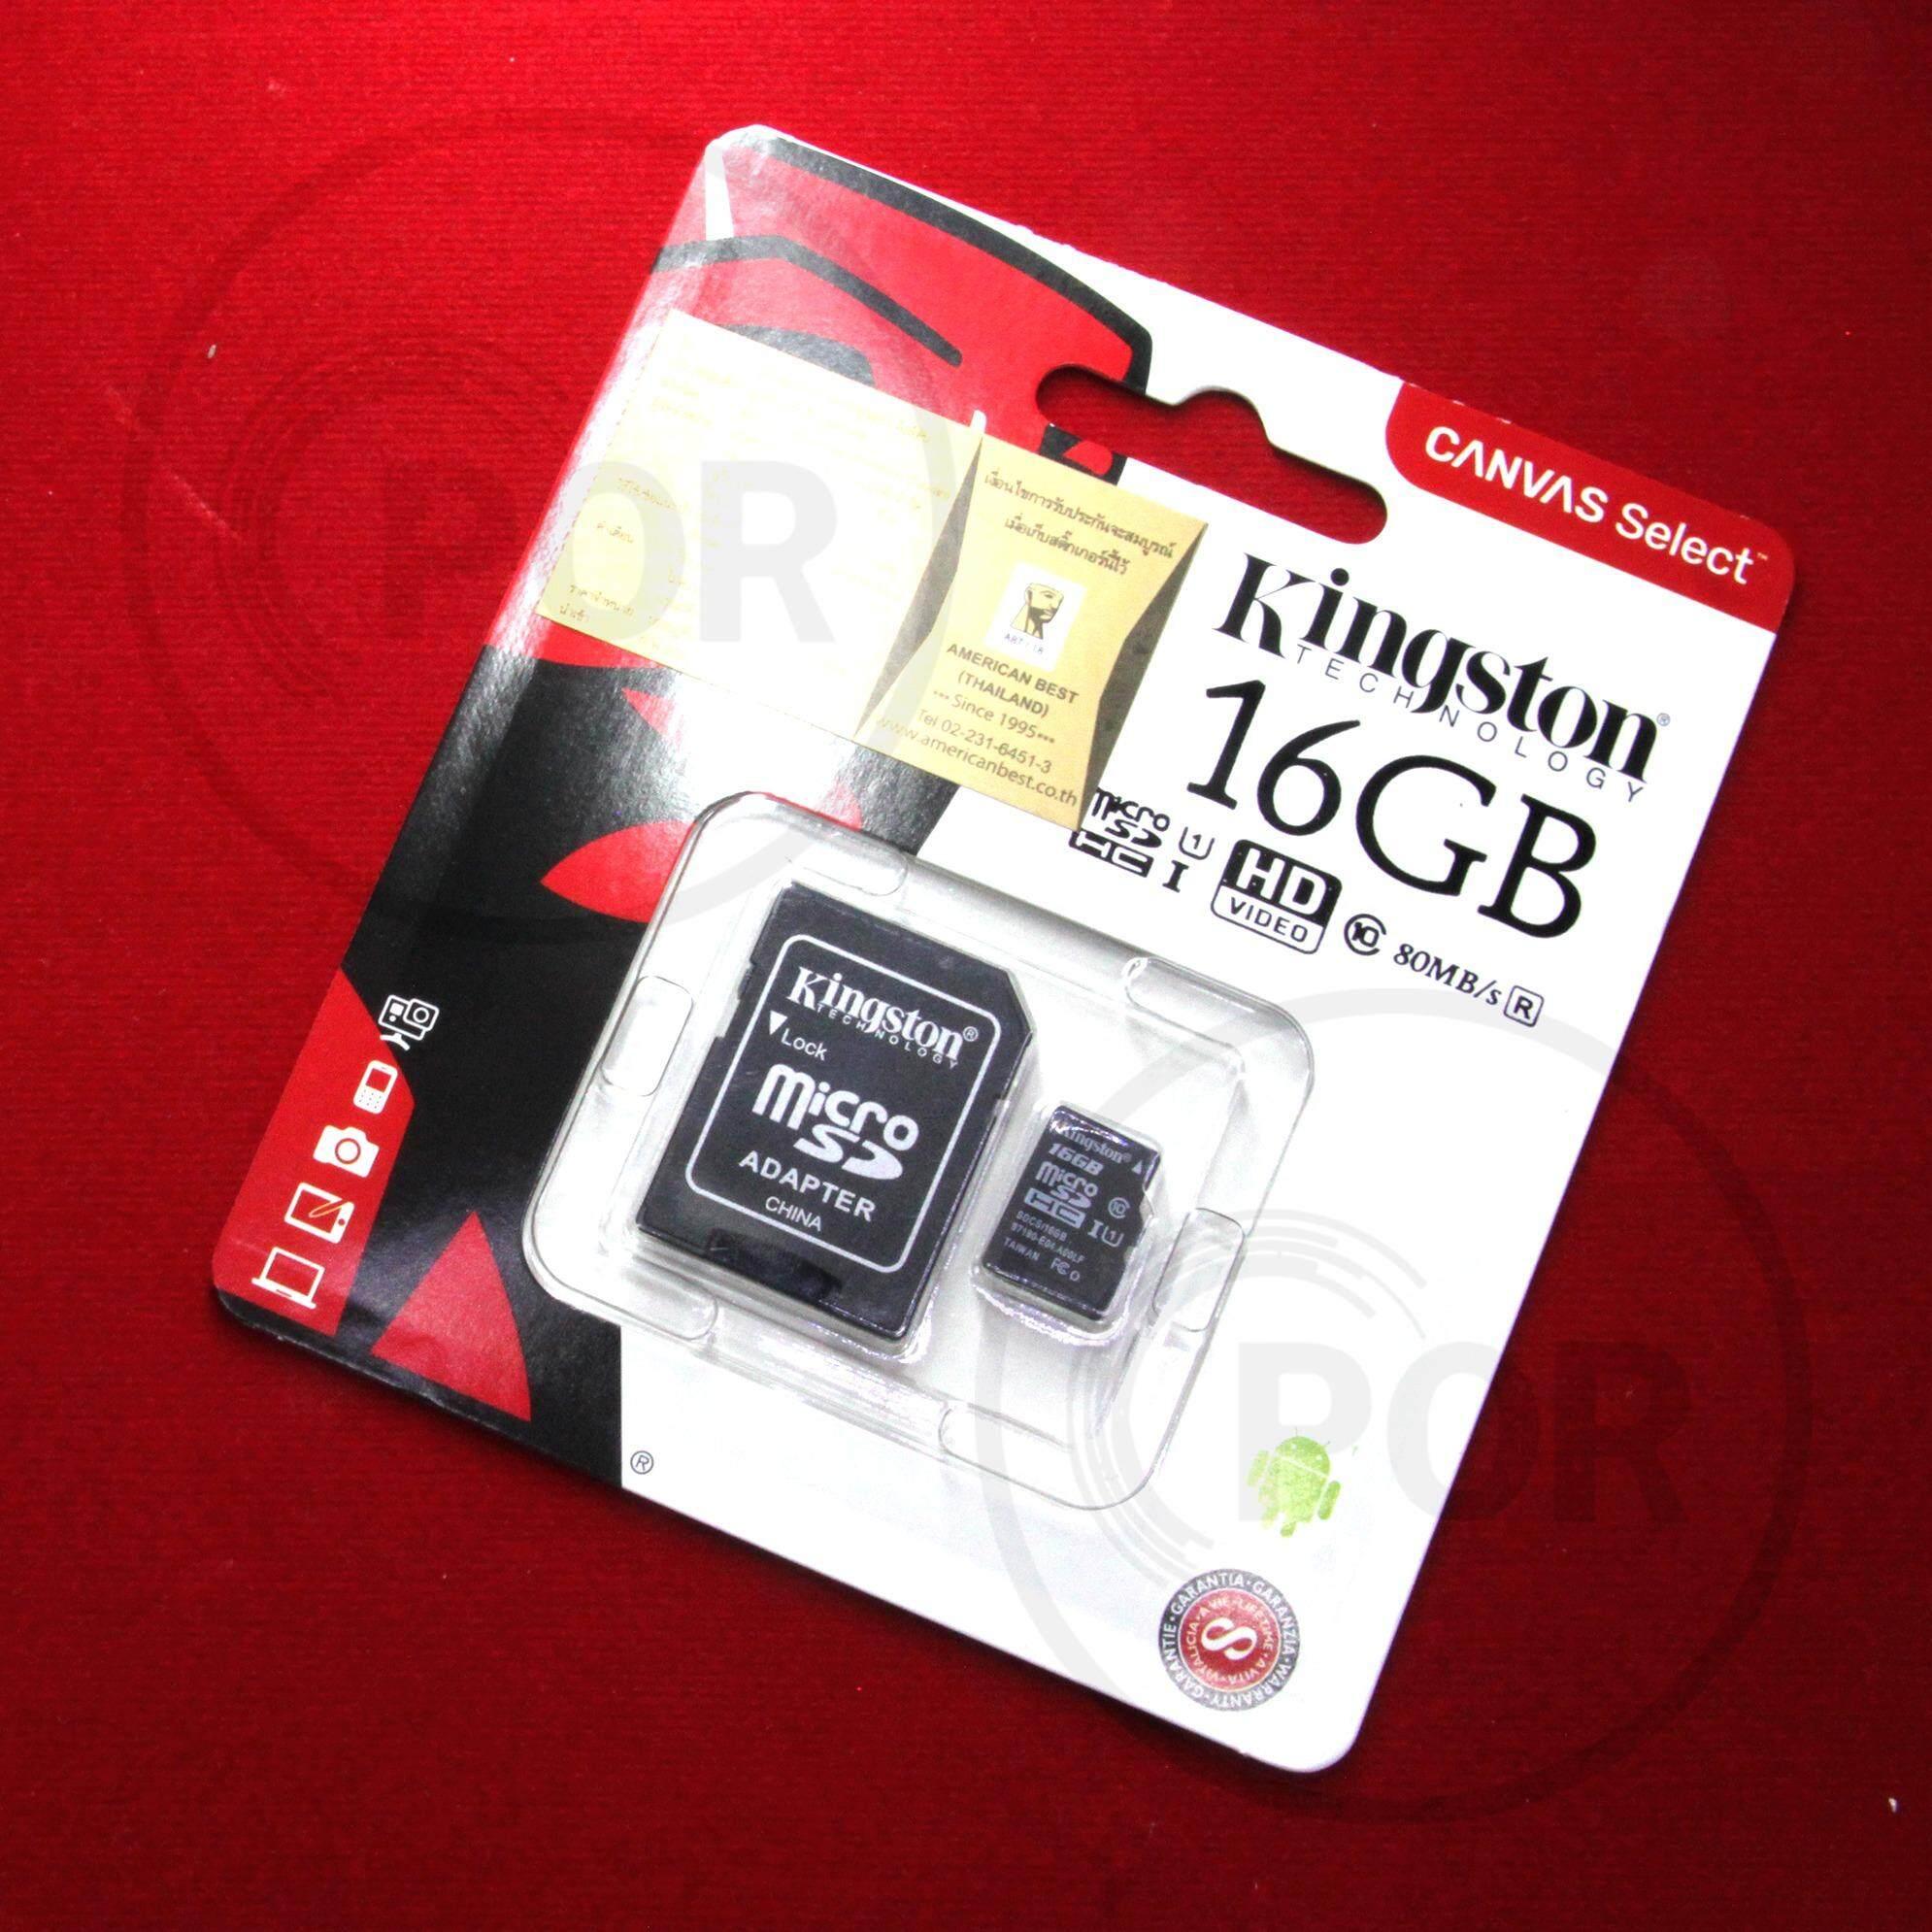 ราคา ของแท้ Kingston เมมโมรี่การ์ด 16Gb Sdhc Sdxc Class 10 Uhs I Micro Sd Card With Adapter ใหม่ล่าสุด